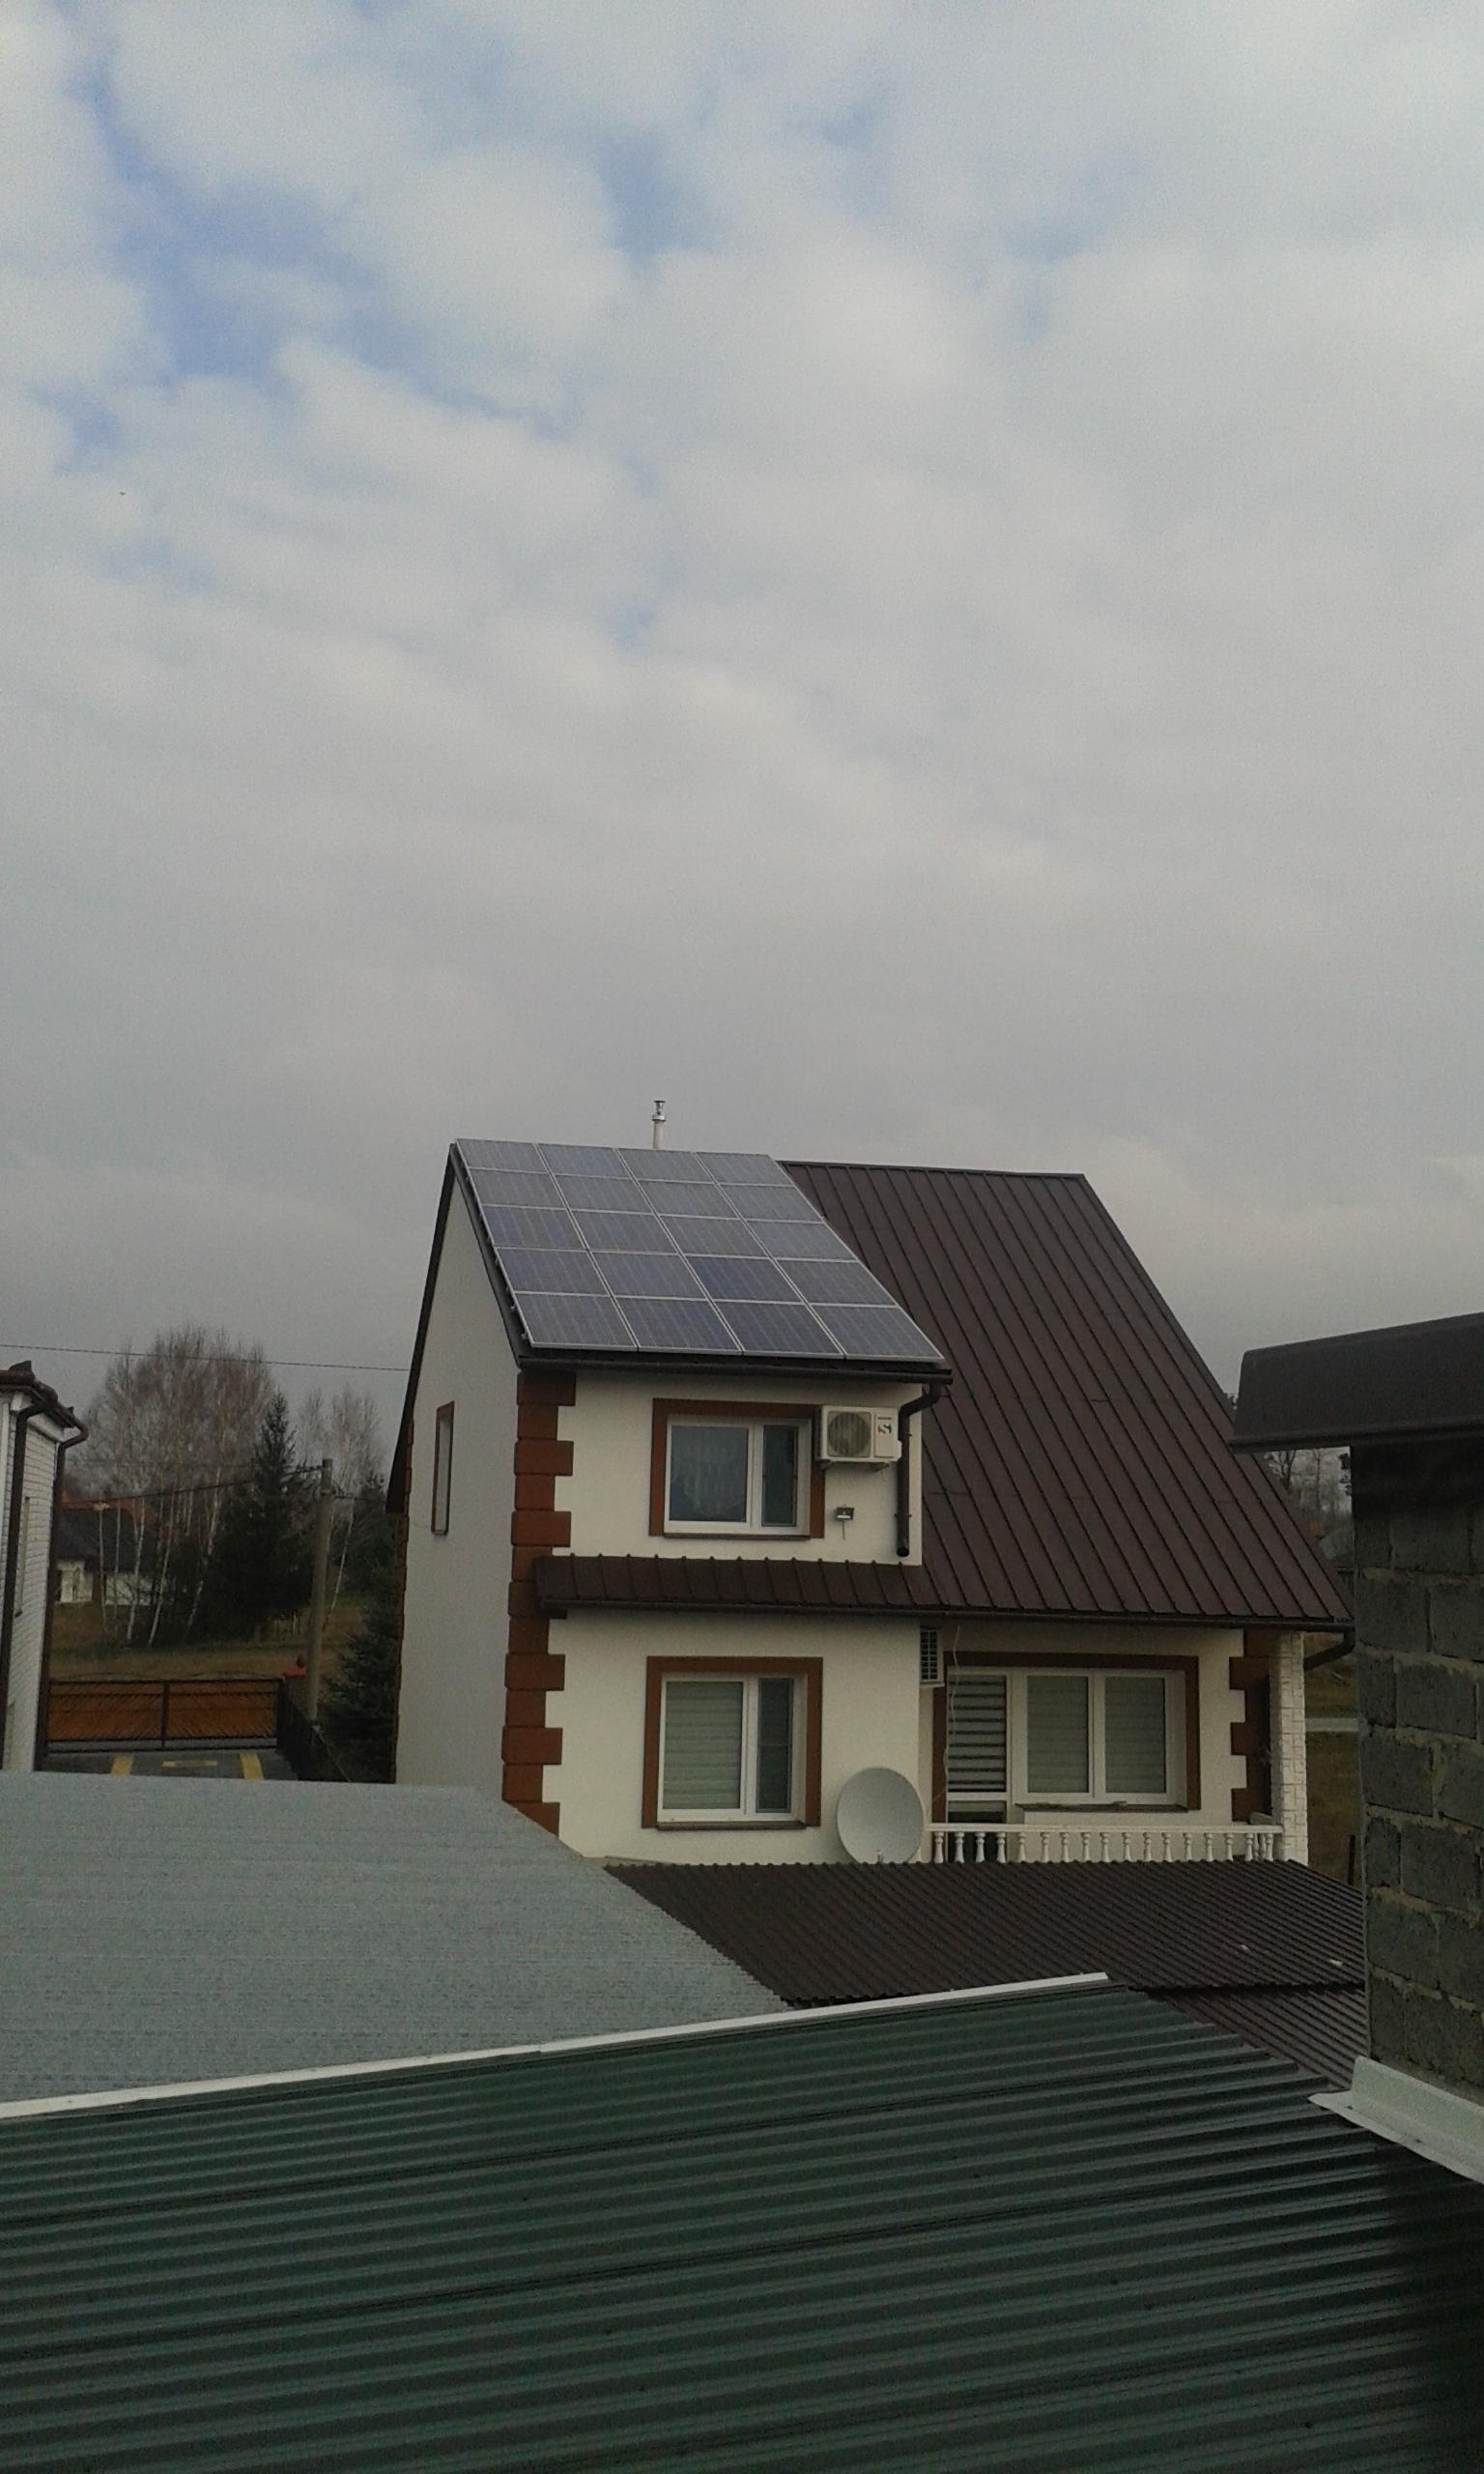 instalacja fotowoltaiczna Heat Energia zdj.23